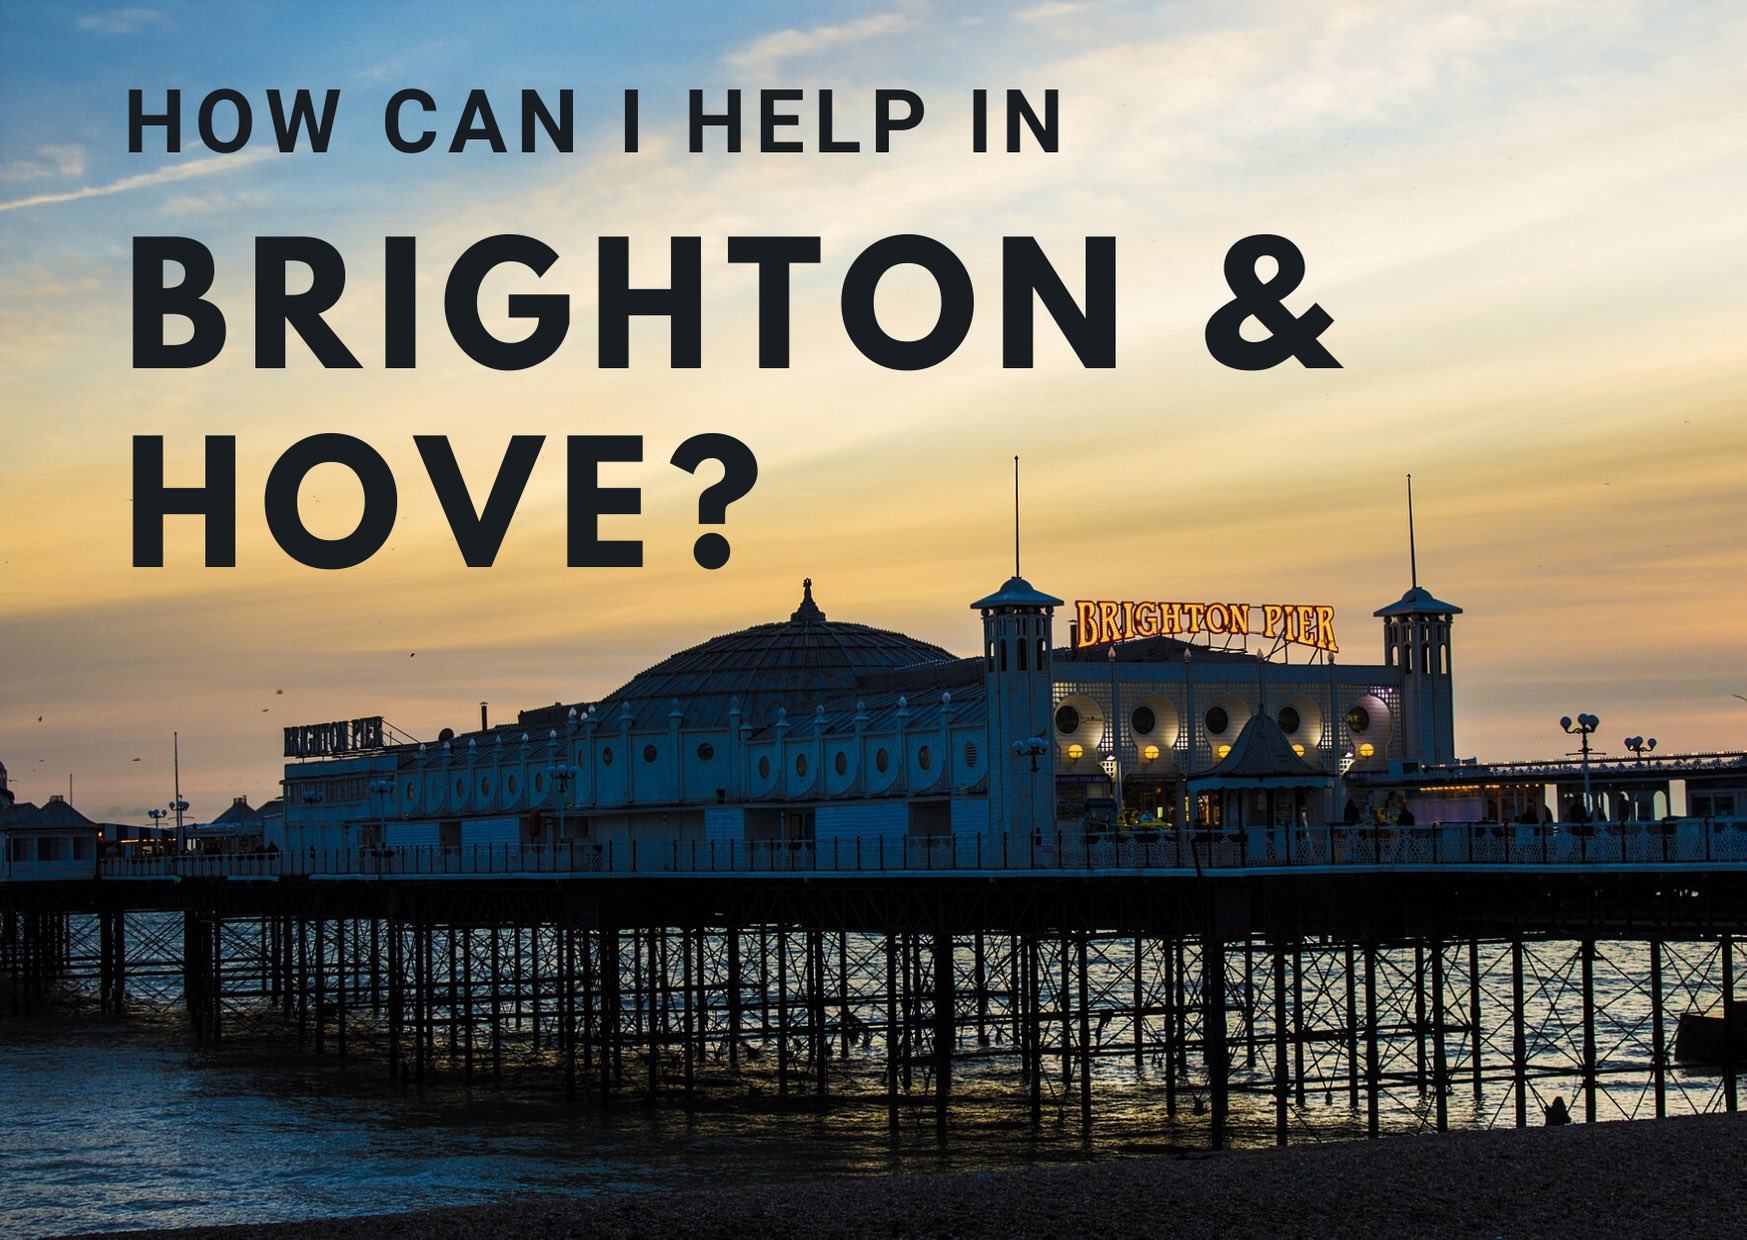 Brighton Hove coronavirus help